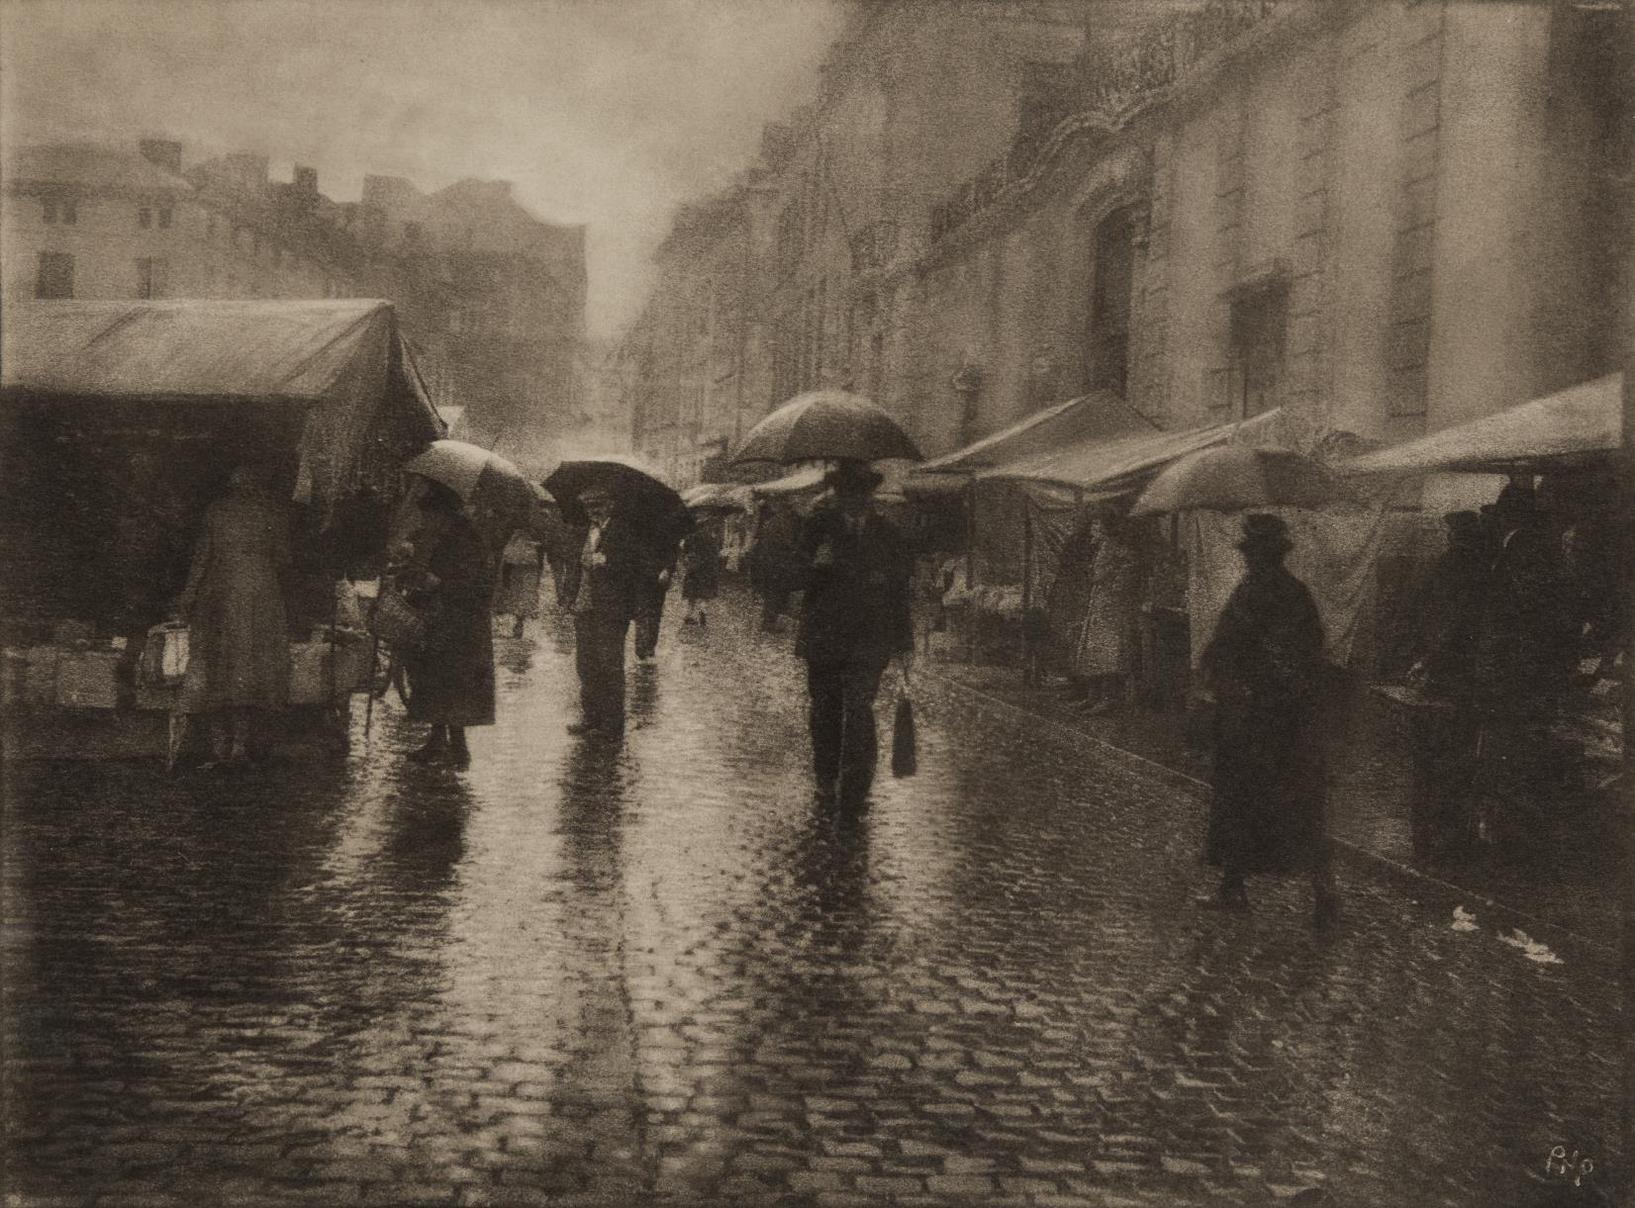 Leonard Misonne - Untitled (Rainy Street Scene)-1930